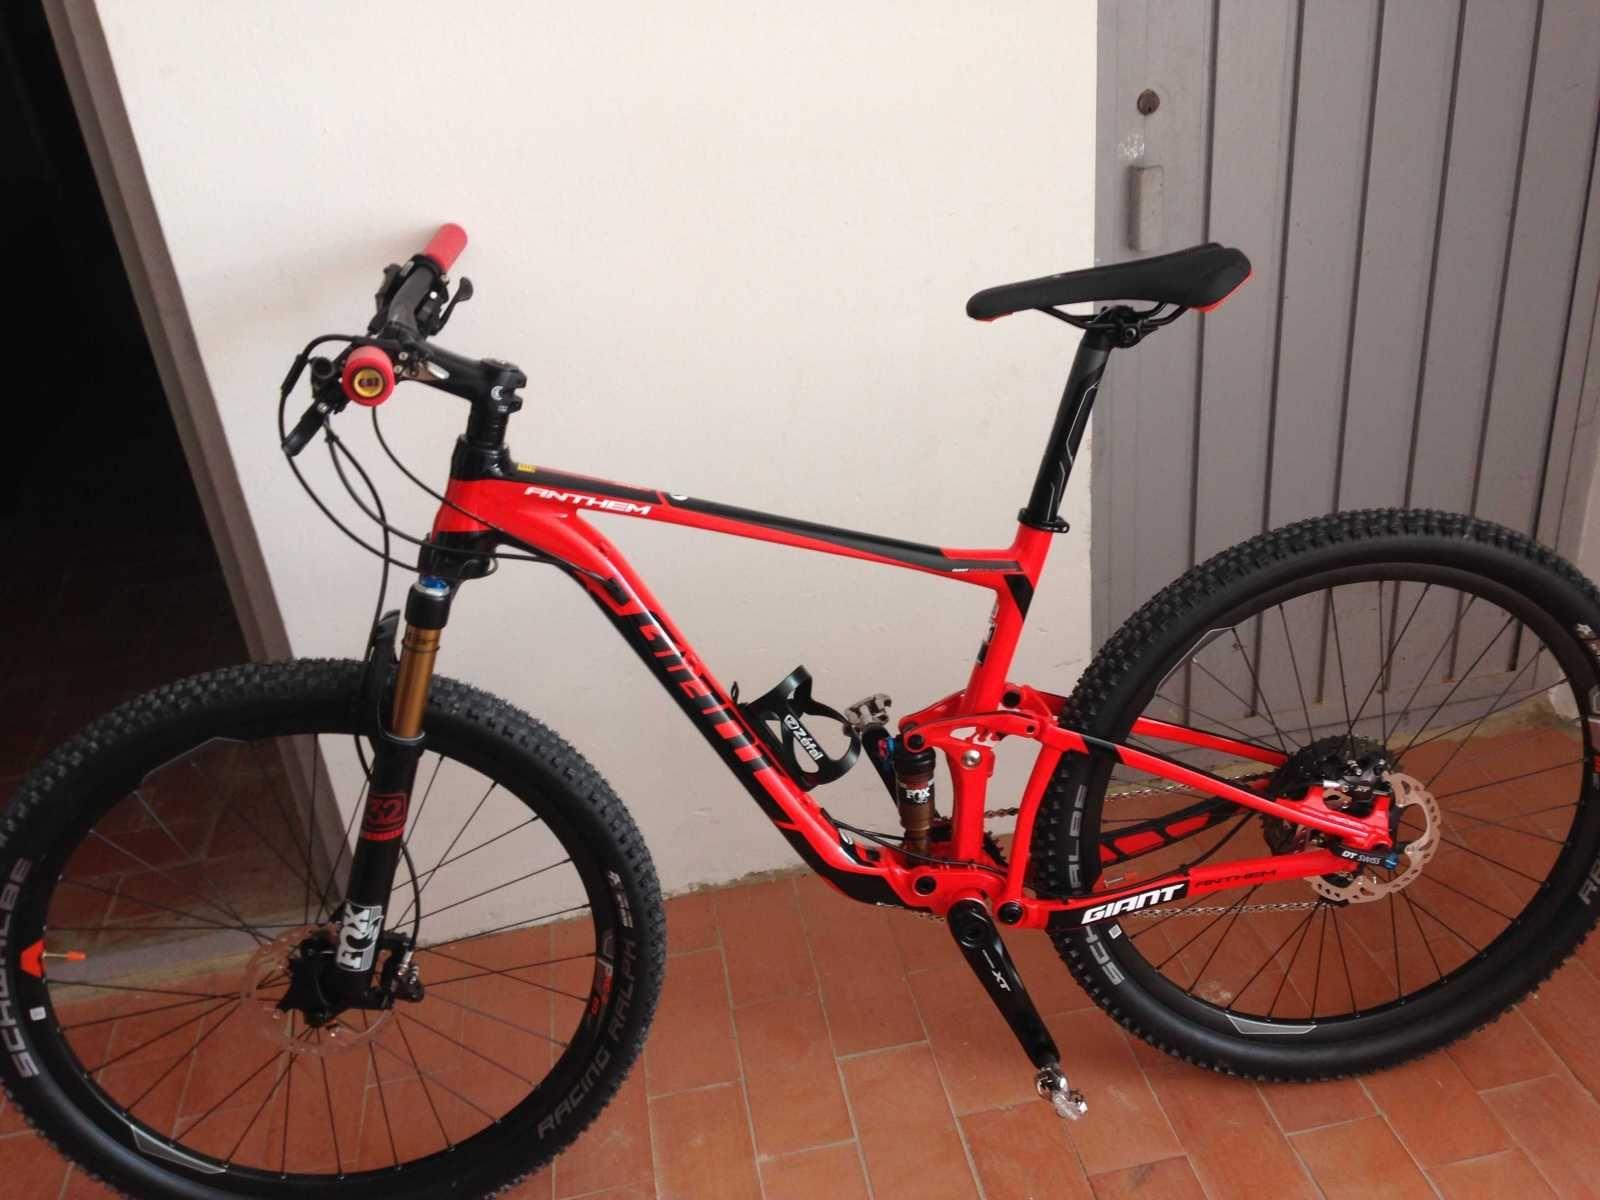 Bicicleta De Montaña Giant Anthem Ref 44471 Talla M Año 2016 Cambio Shimano Deore Xt Cuadro De Alum Bicicletas Bicicletas Mtb Bicicletas De Montaña Giant